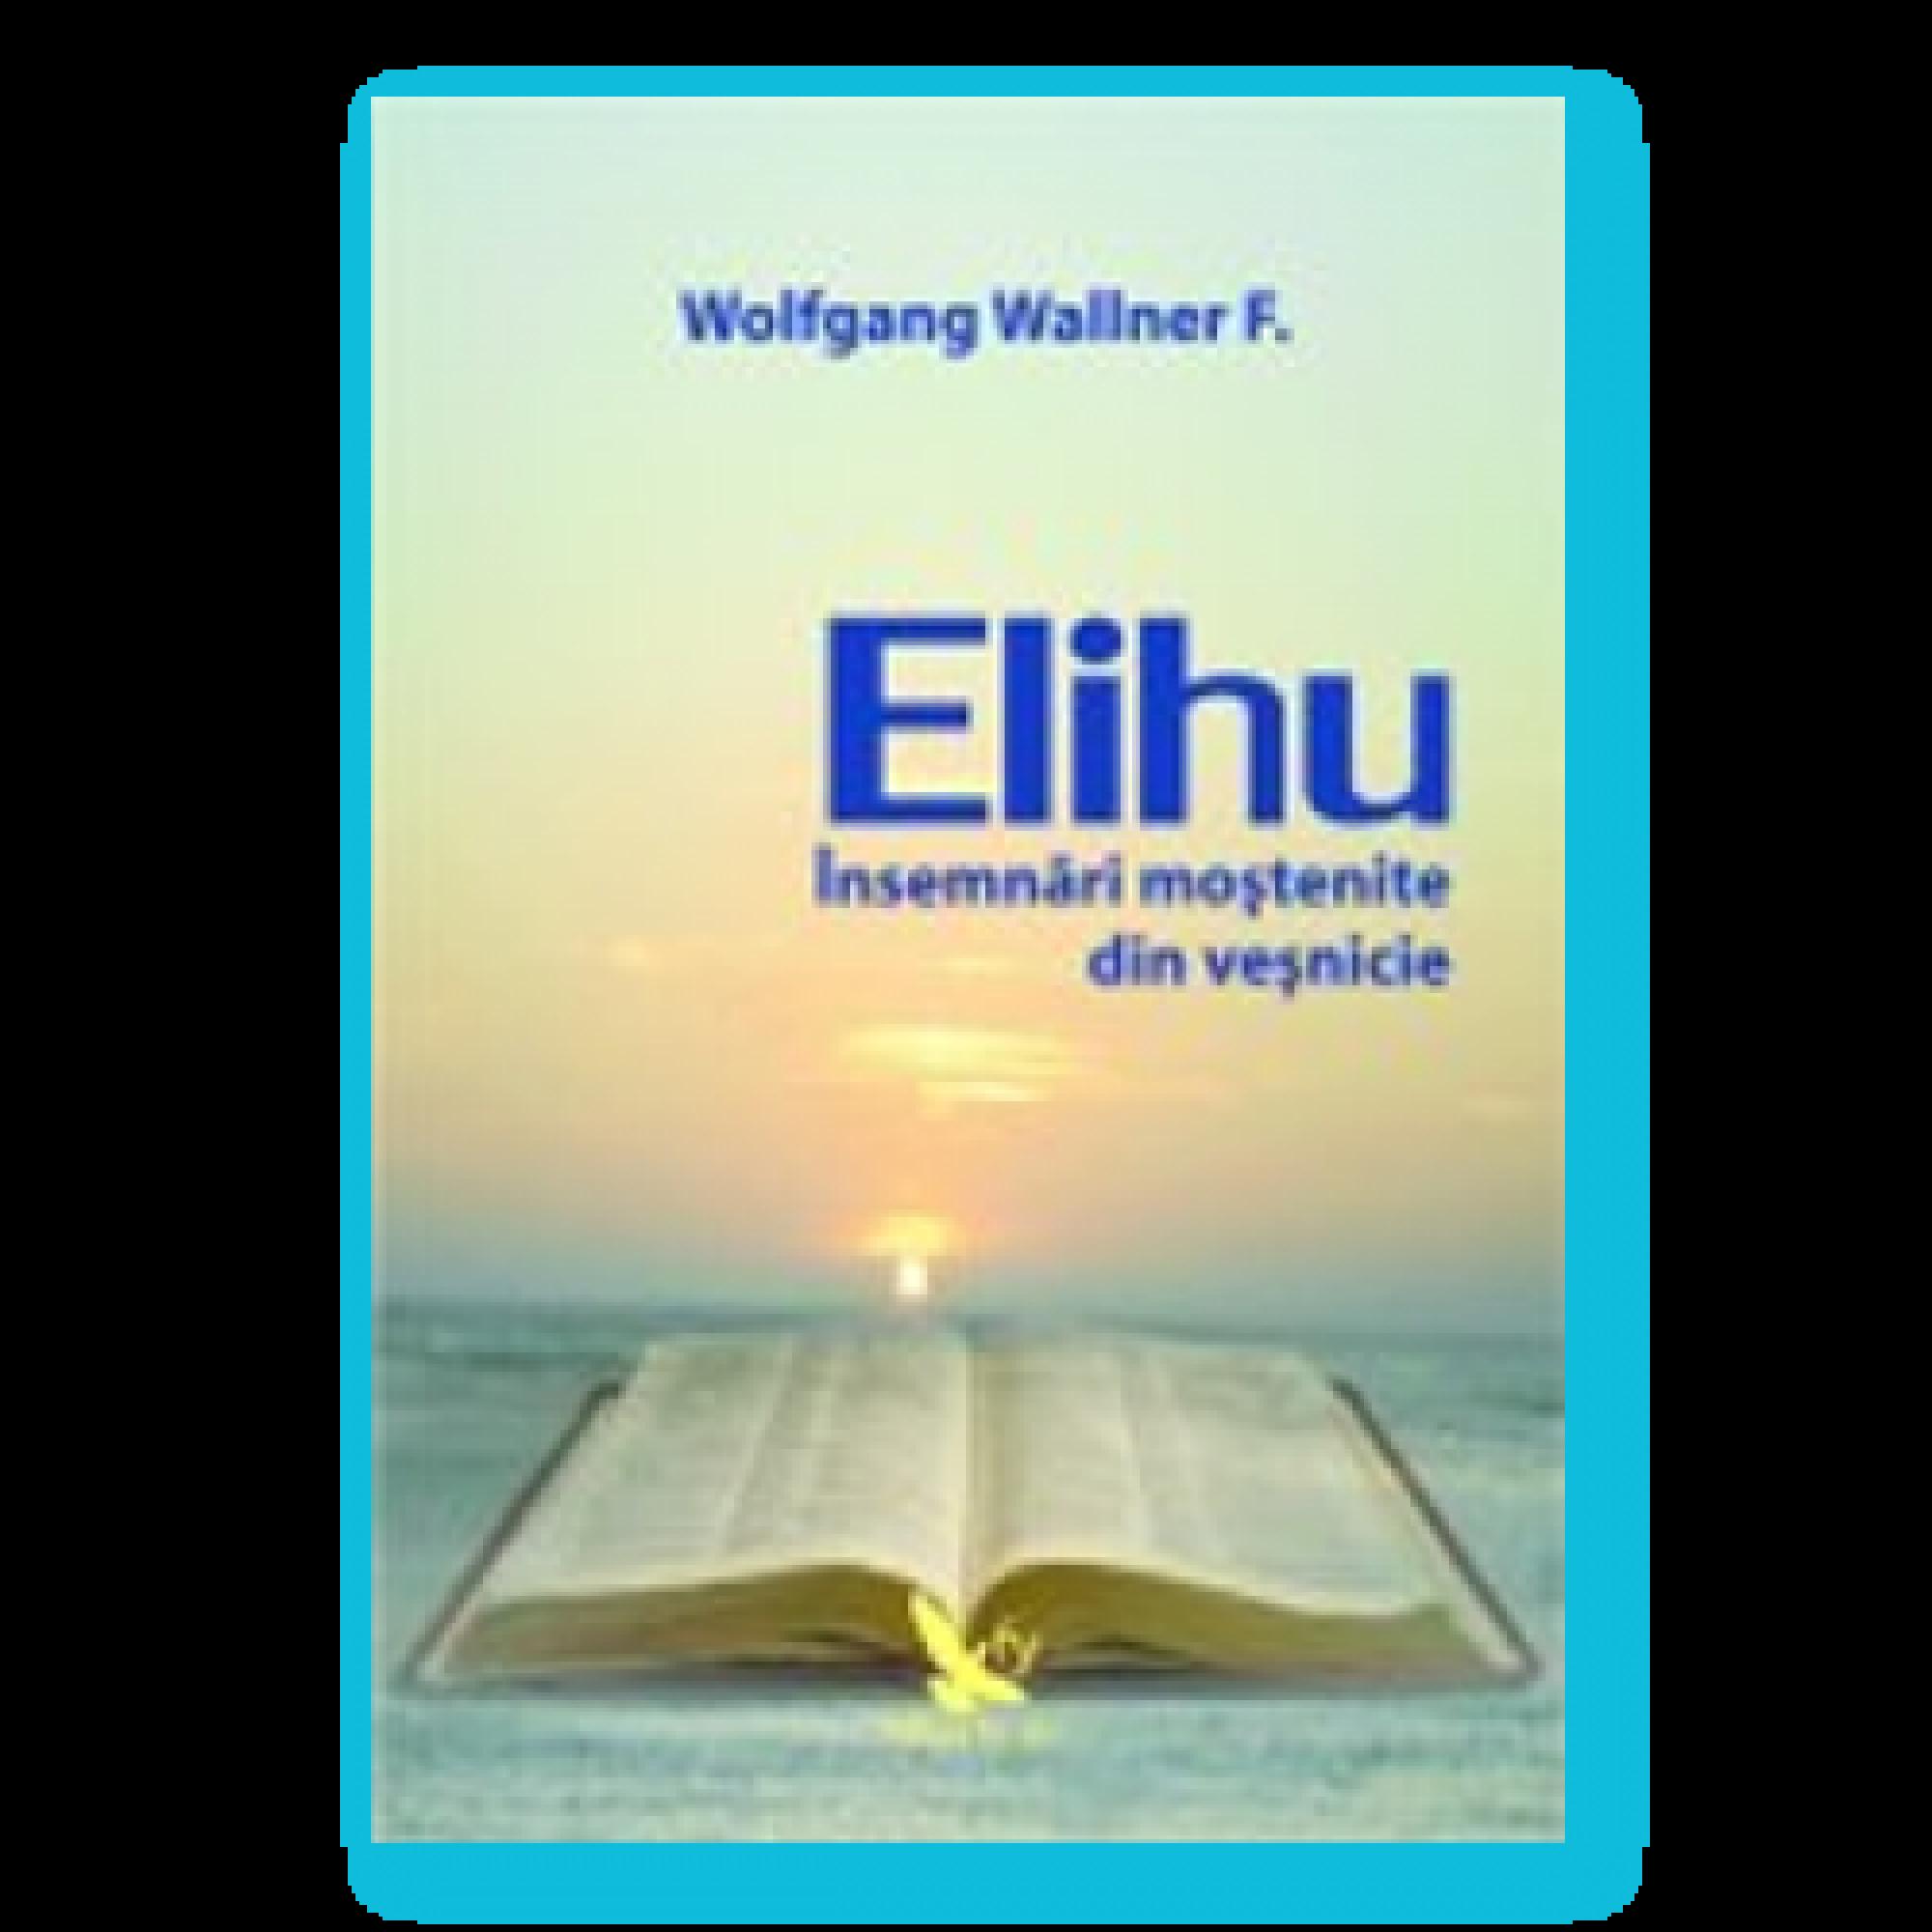 Elihu; Wolfgang F. Wallner